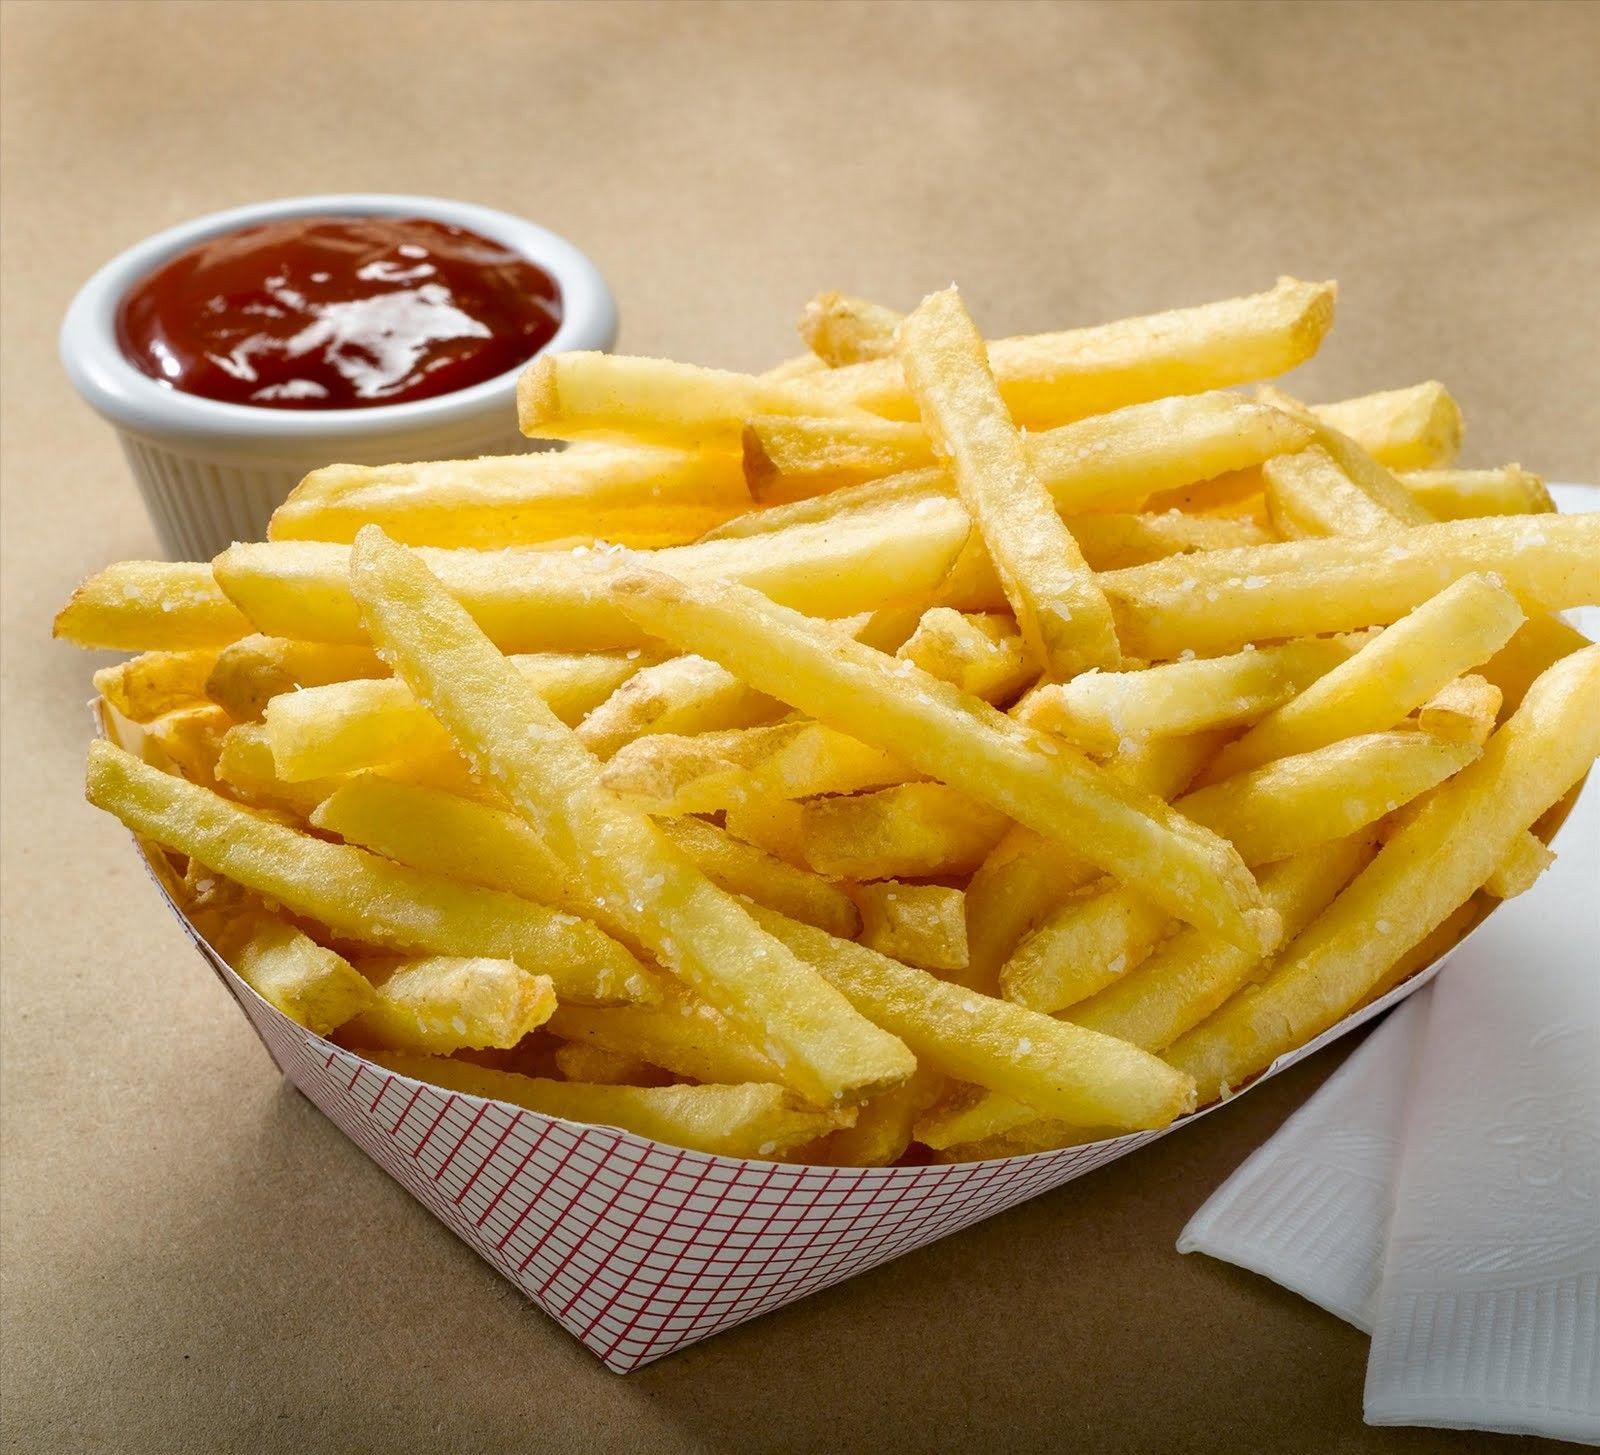 Il segreto per preparare patatine fritte croccanti